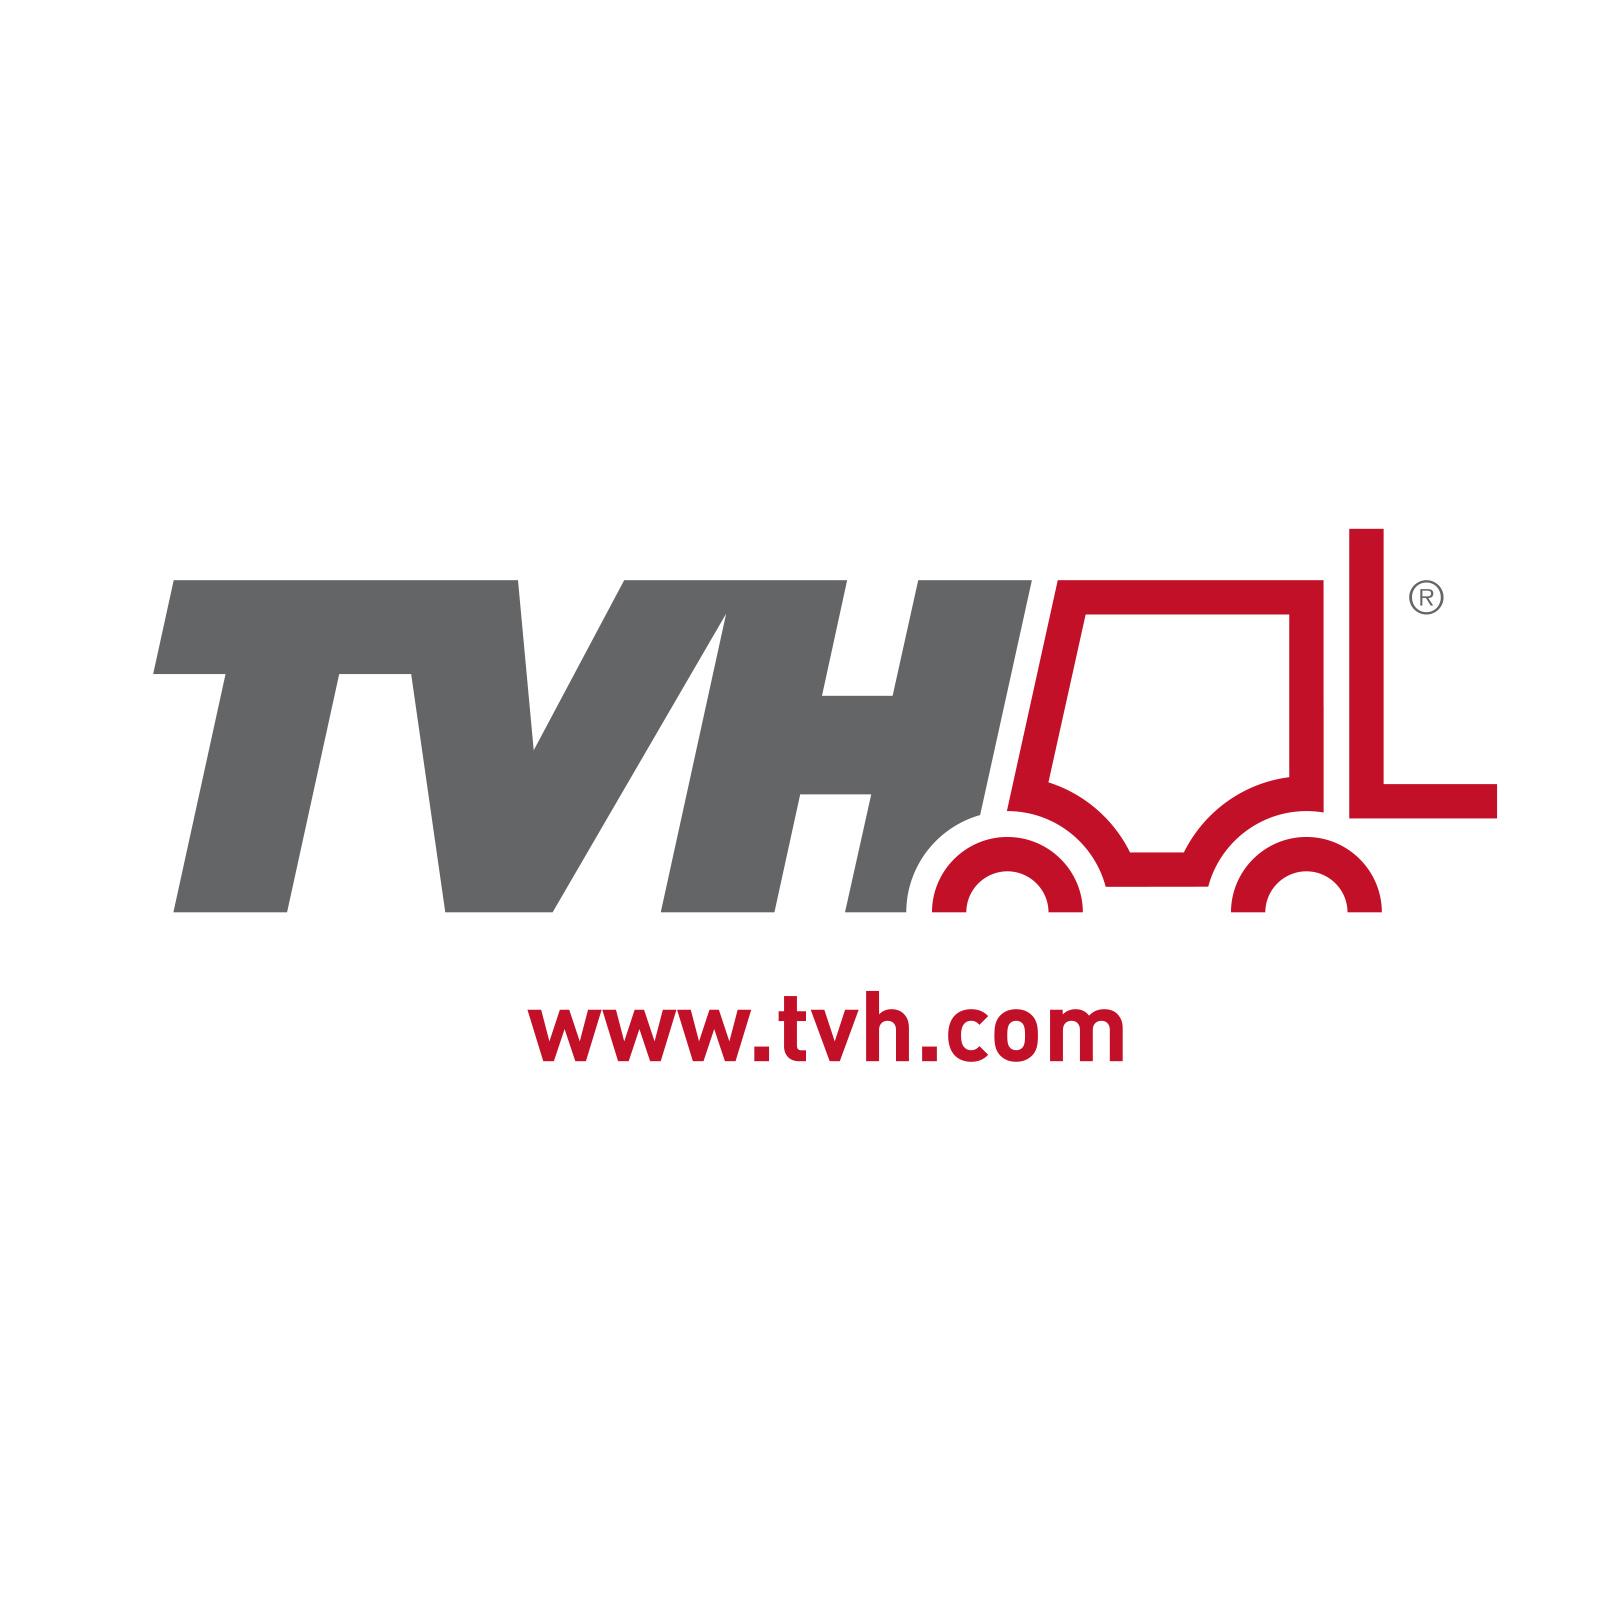 TVH Sponsorlogo Cmyk